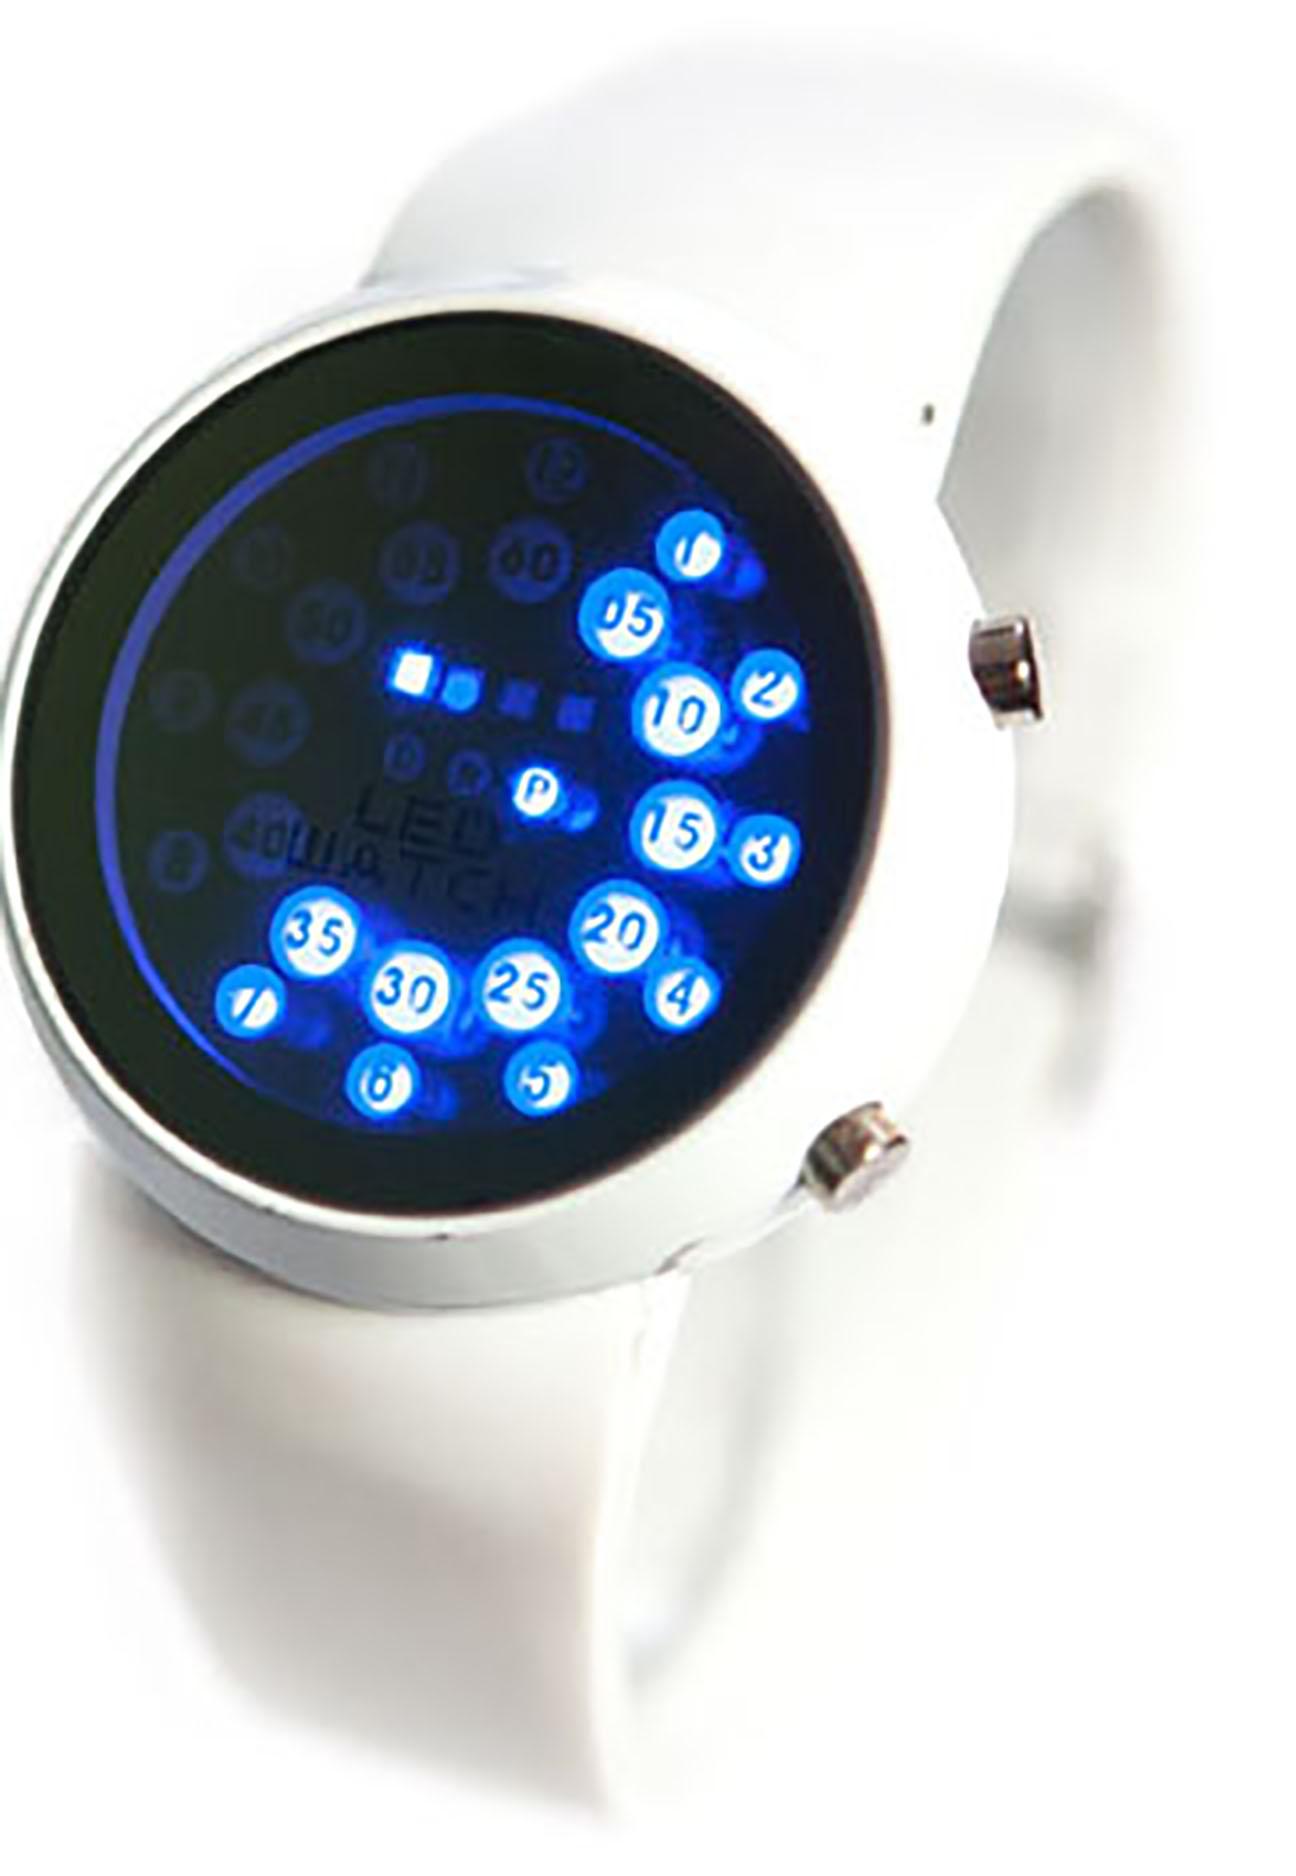 Бинарный часы купить спб маленькие чехлы для часов купить